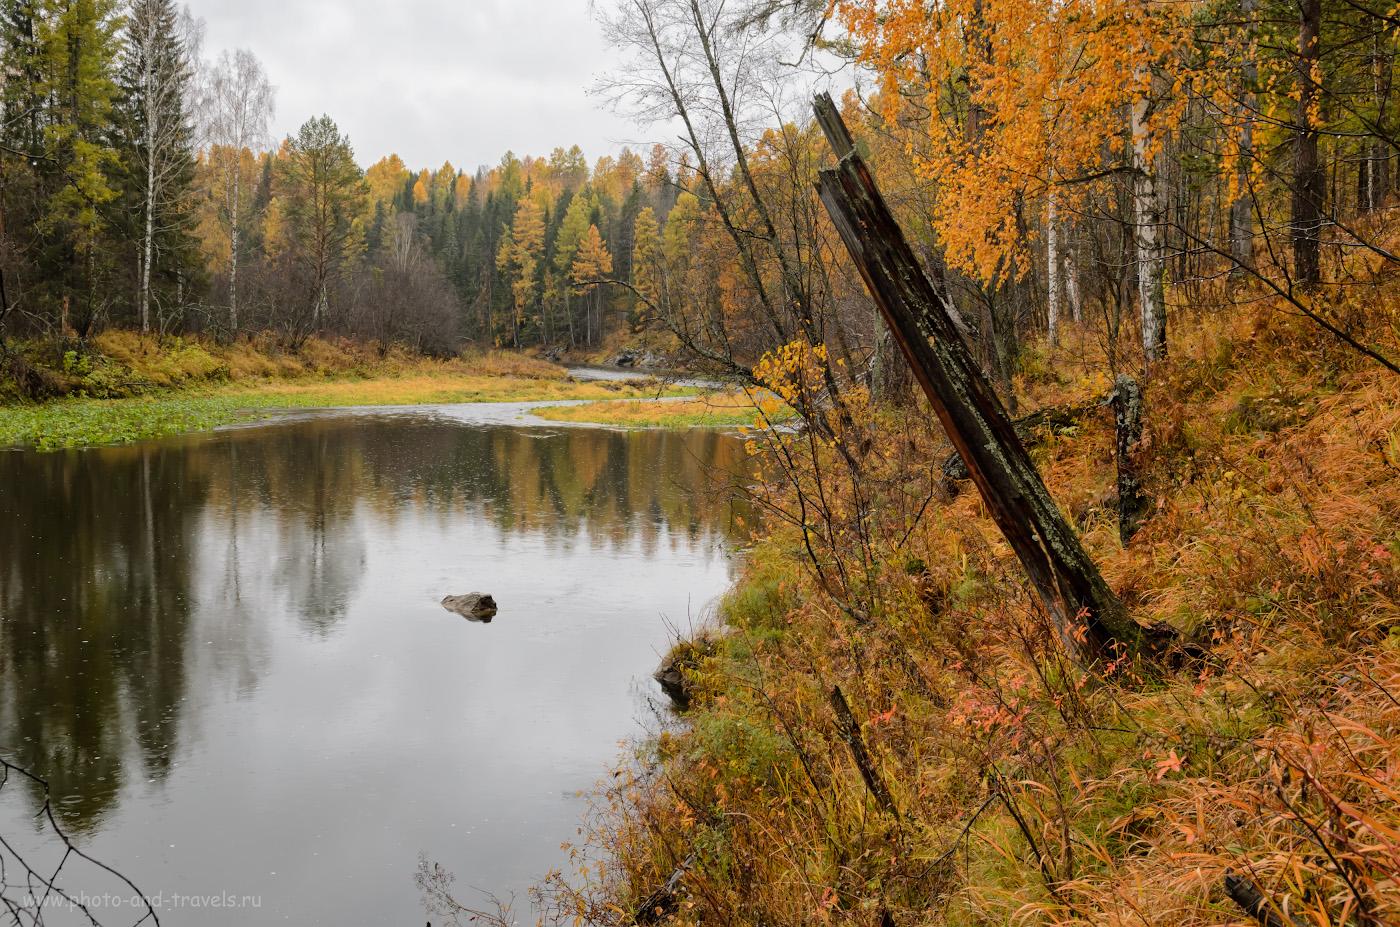 9. Таёжная река Серга. Поход выходного дня в парк осенью. 1/60, 8.0, 250, -1.0, 24.